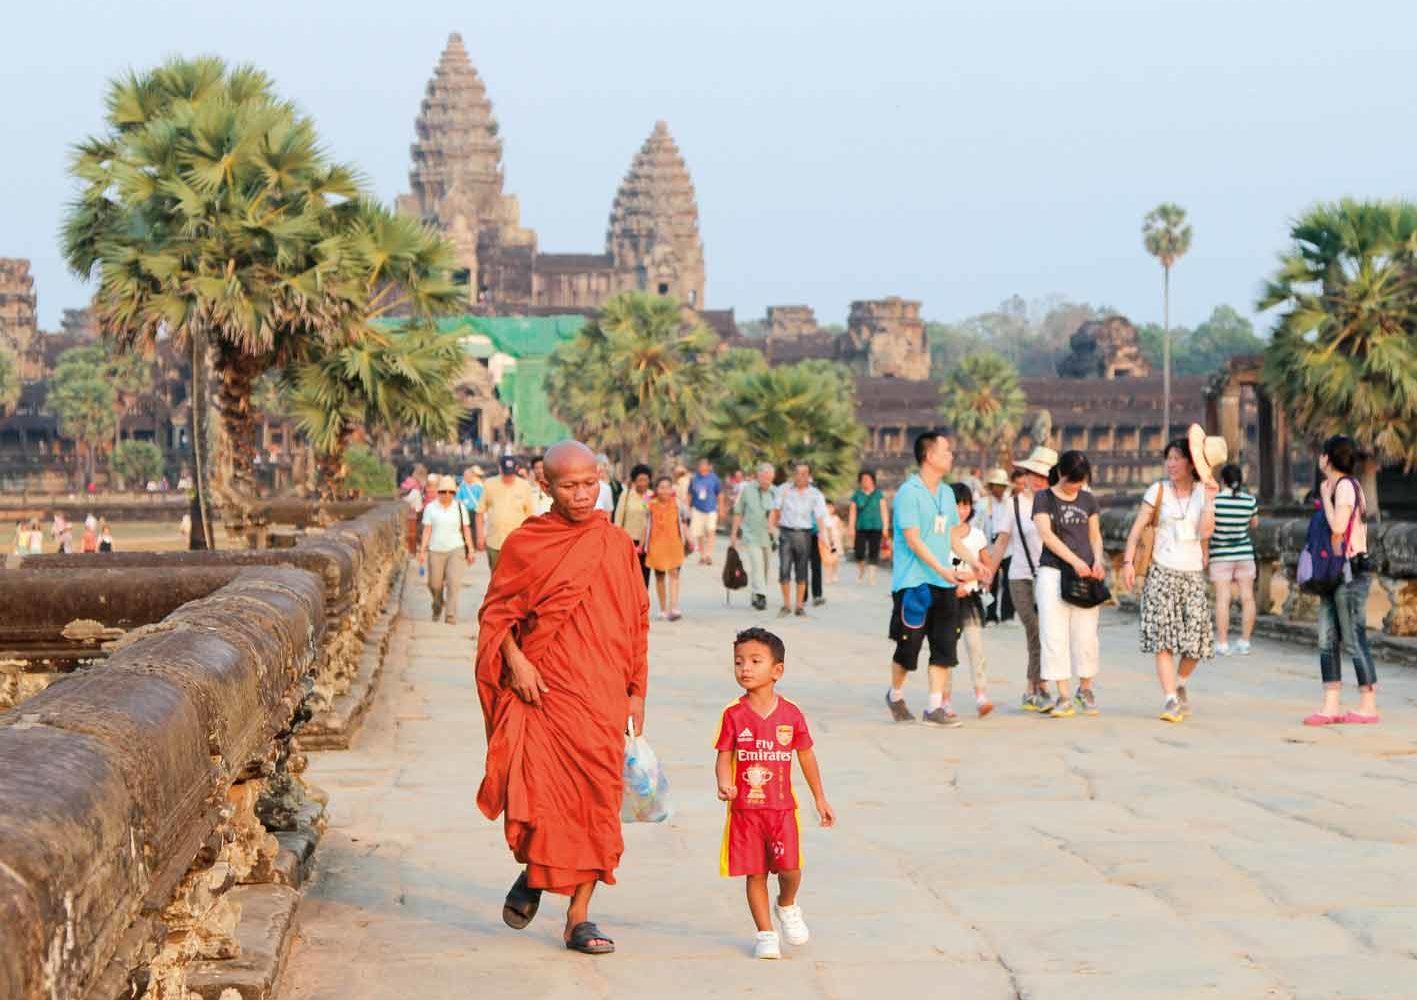 Magisch schönes Angkor Wat, Kambodscha